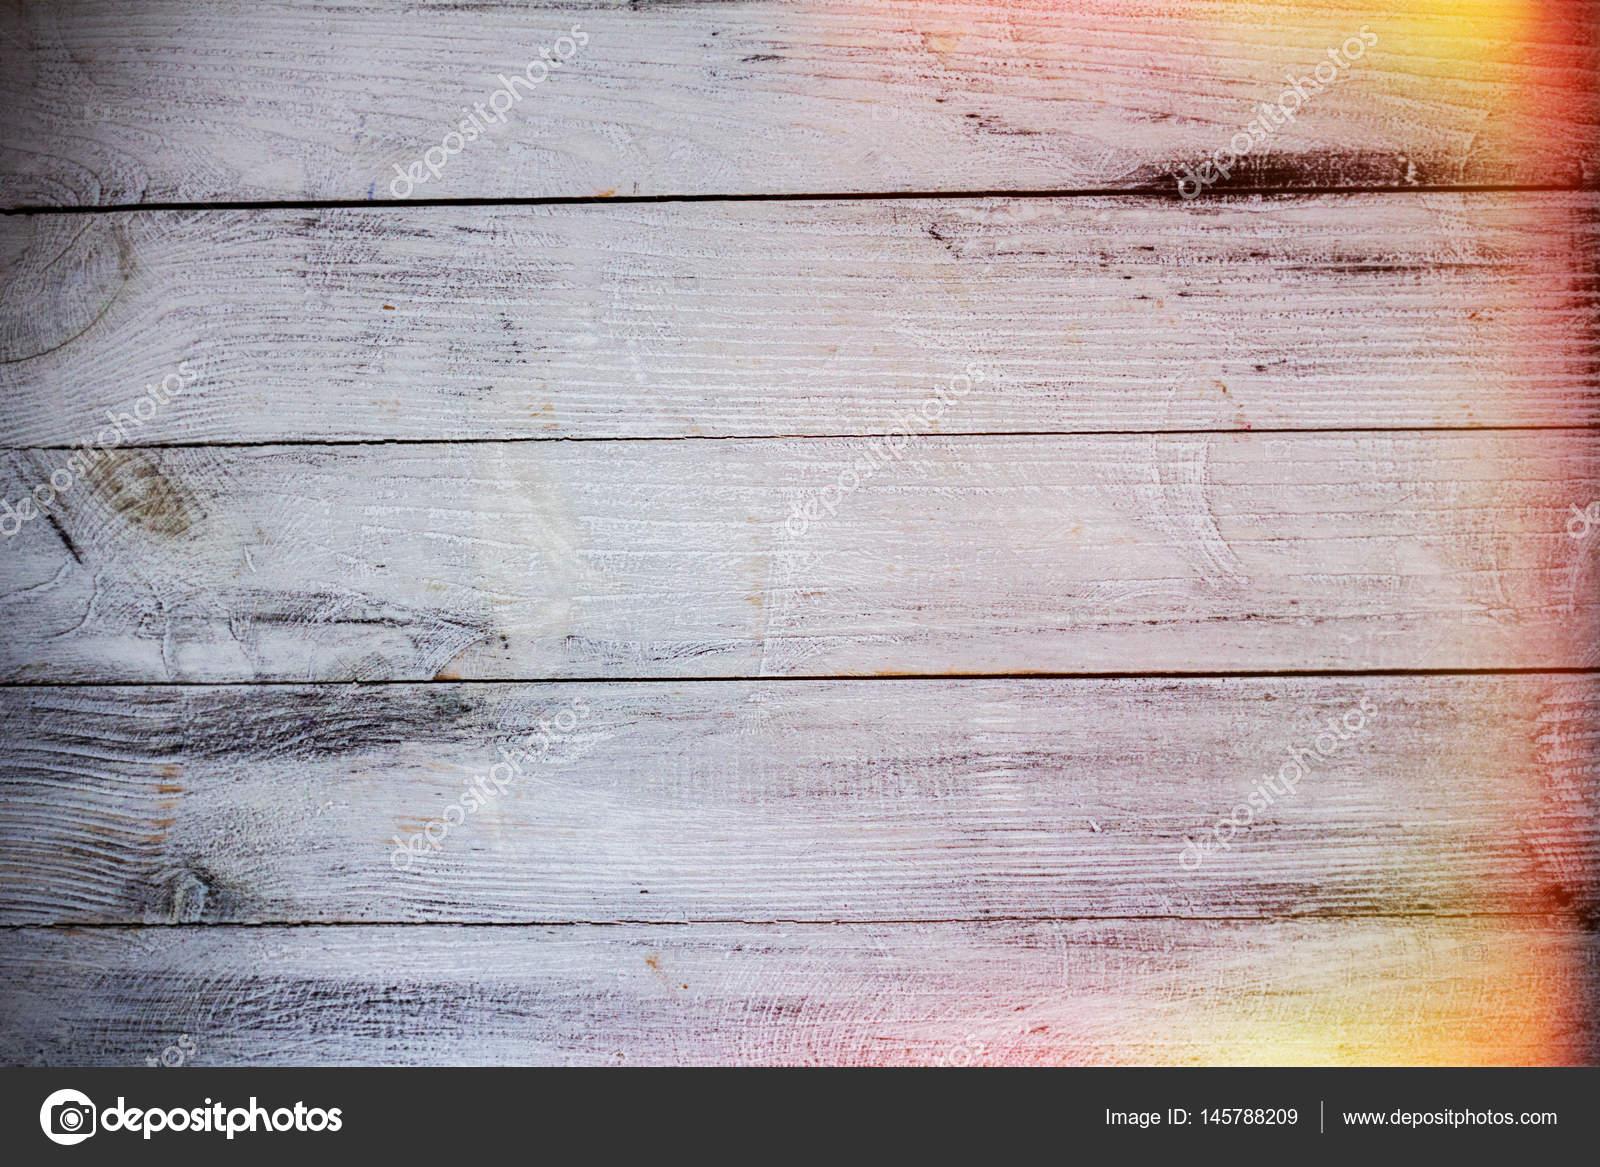 vintage holz hintergrund mit abbl tternde farbe aus holz textur hintergrund alte bemalte holz. Black Bedroom Furniture Sets. Home Design Ideas